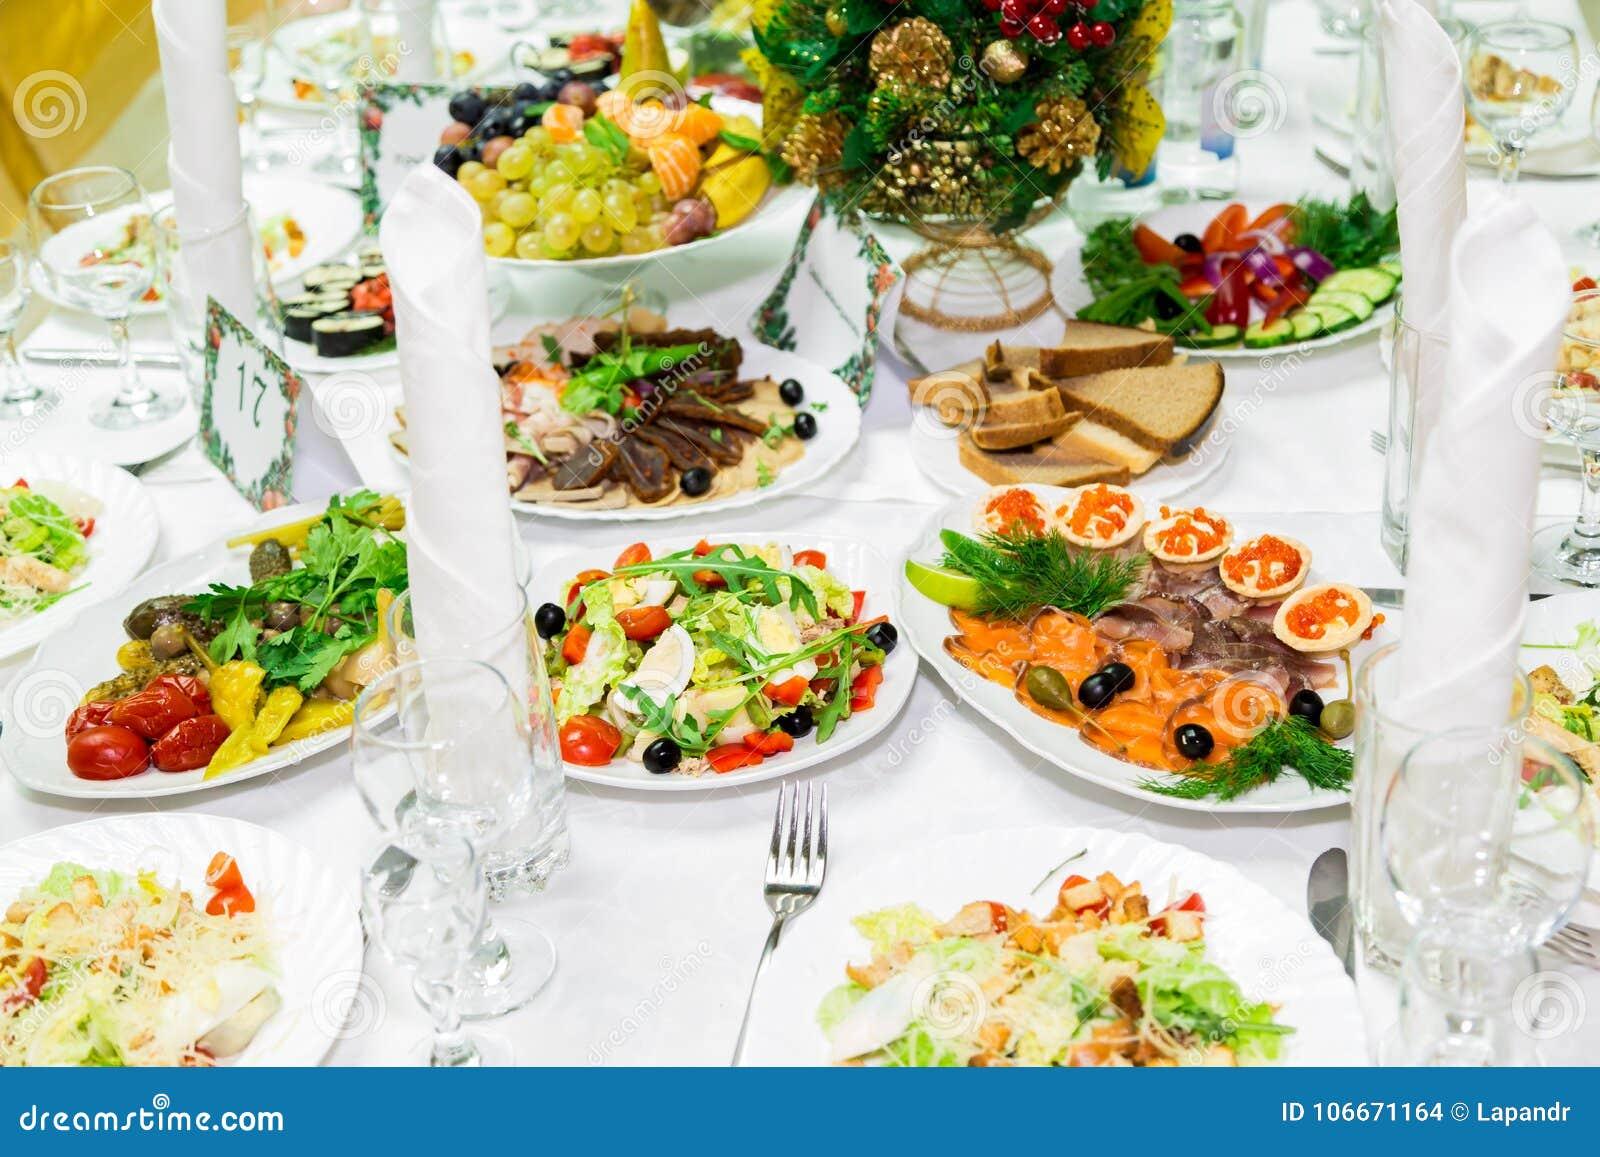 Mellanmål och läckerheter på banketttabellen catering Beröm eller bröllop bufferten